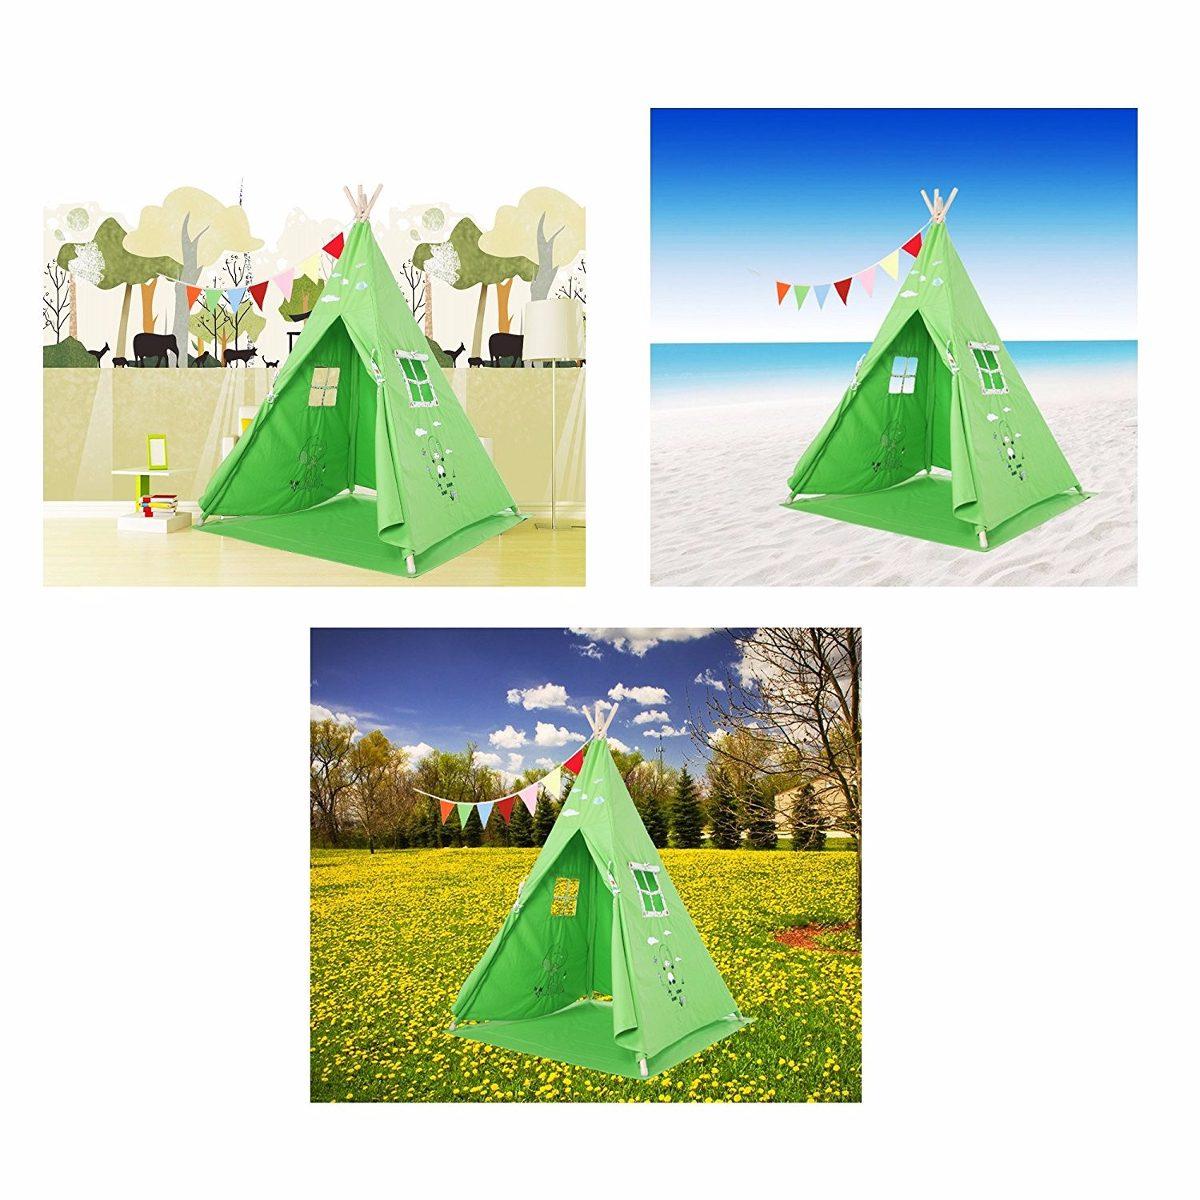 Casita de tela para ni os lubber verde 3 en - Casitas de tela para ninos imaginarium ...